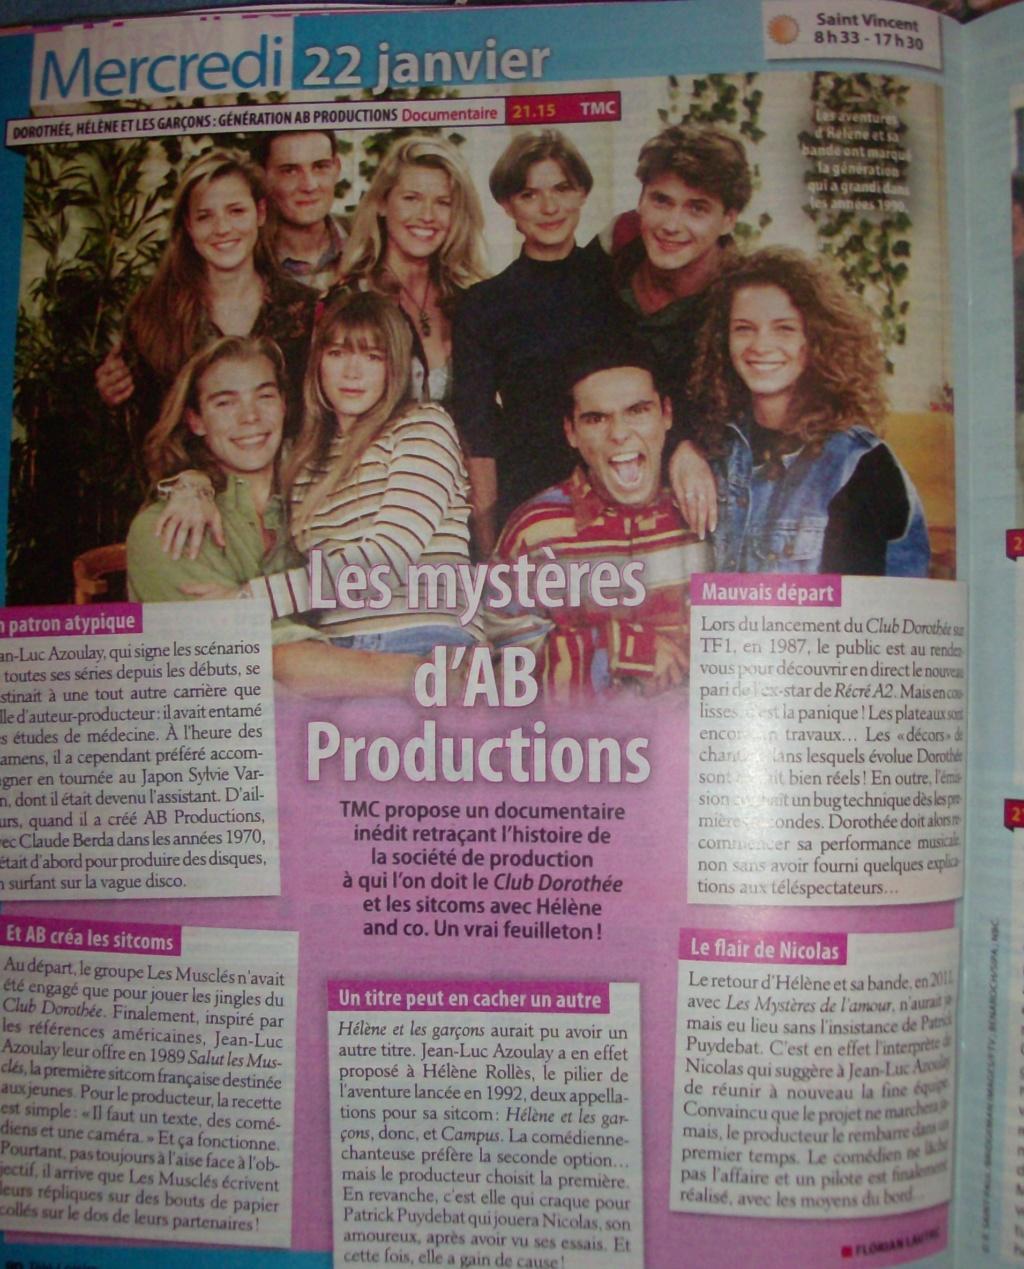 Génération AB Productions, le mercredi 22 janvier sur TMC - Page 2 Hpim5411